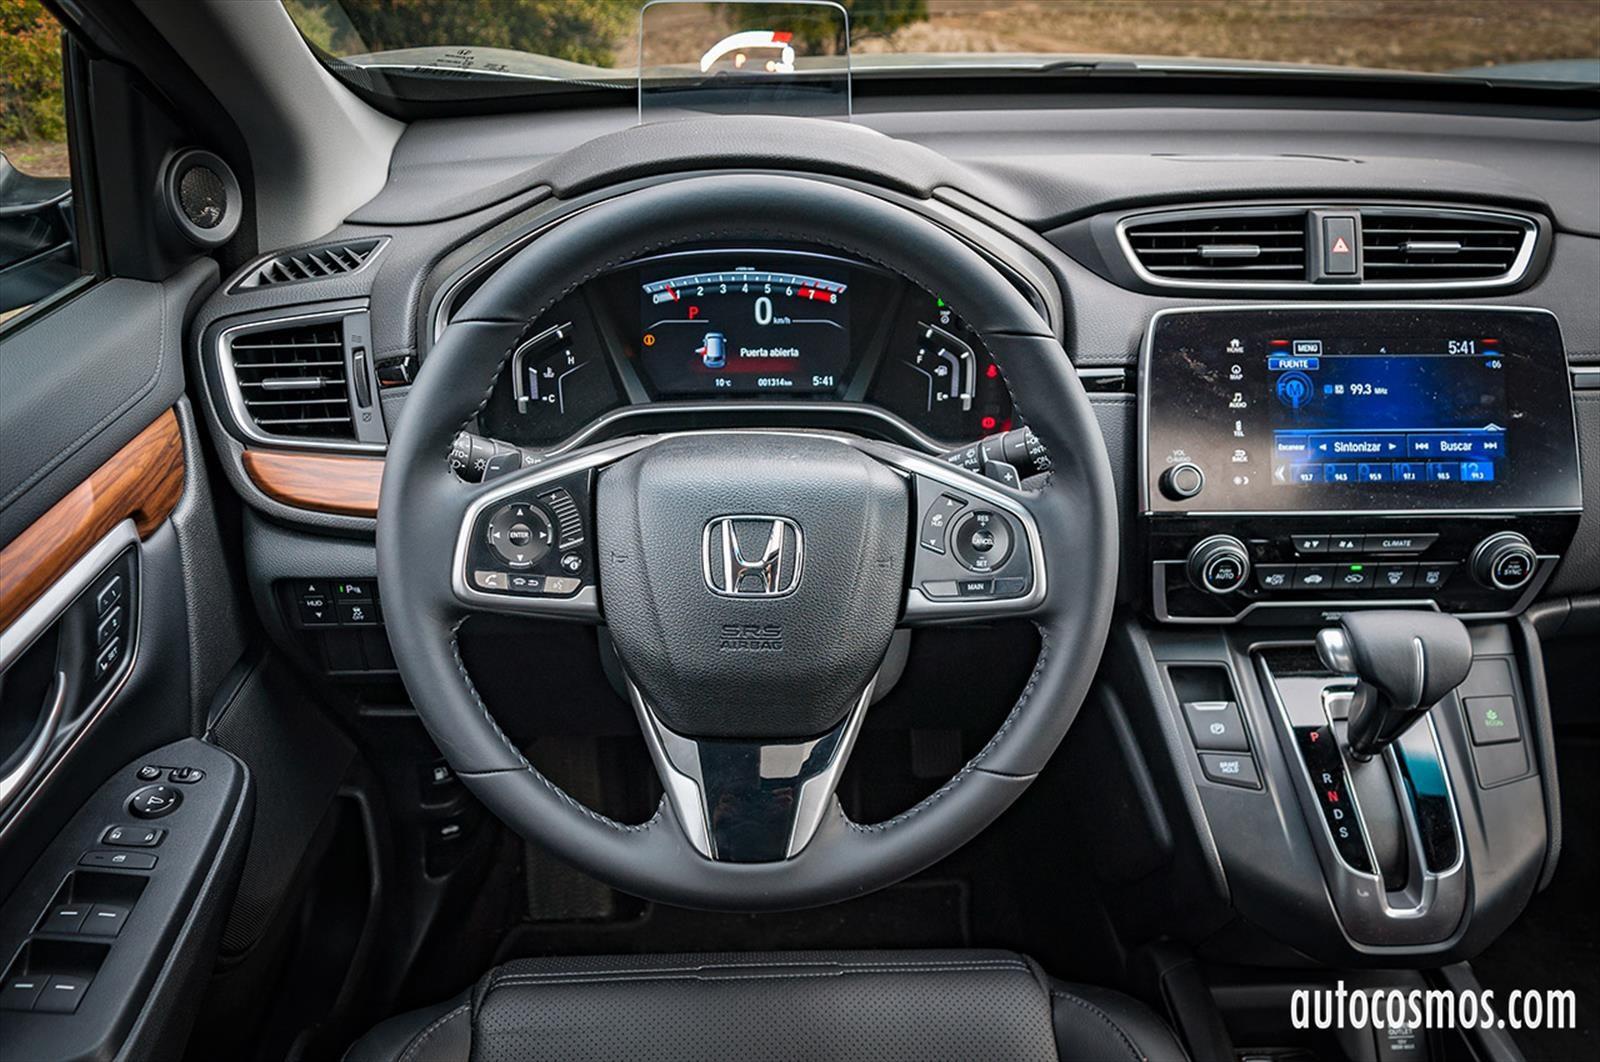 Honda CR-V 2018 se pone a la venta - Autocosmos.com